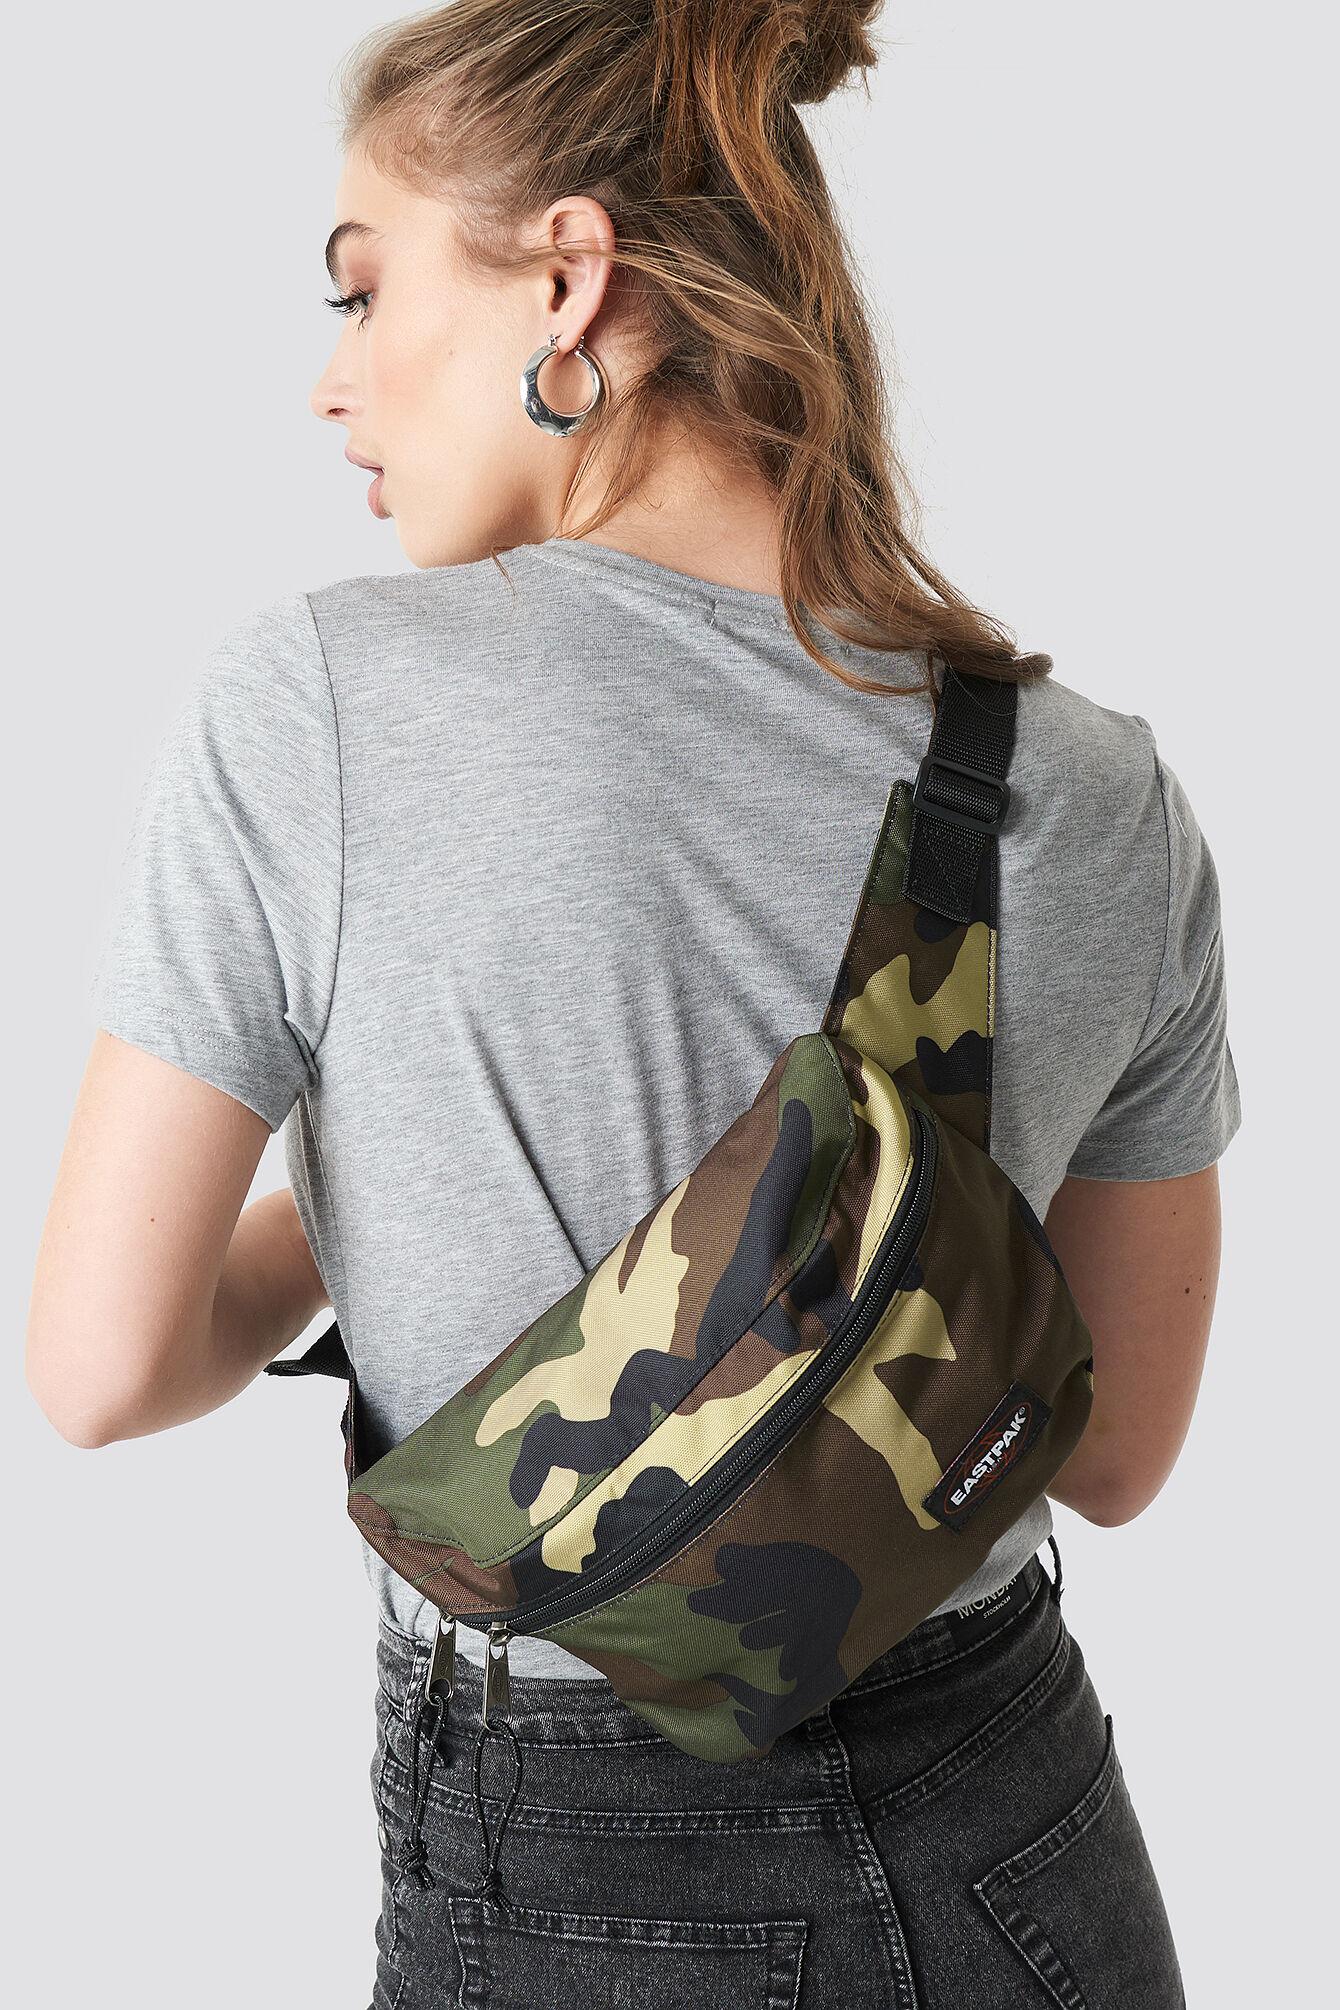 Eastpak Bane Bag - Brown,Green,Multicolor